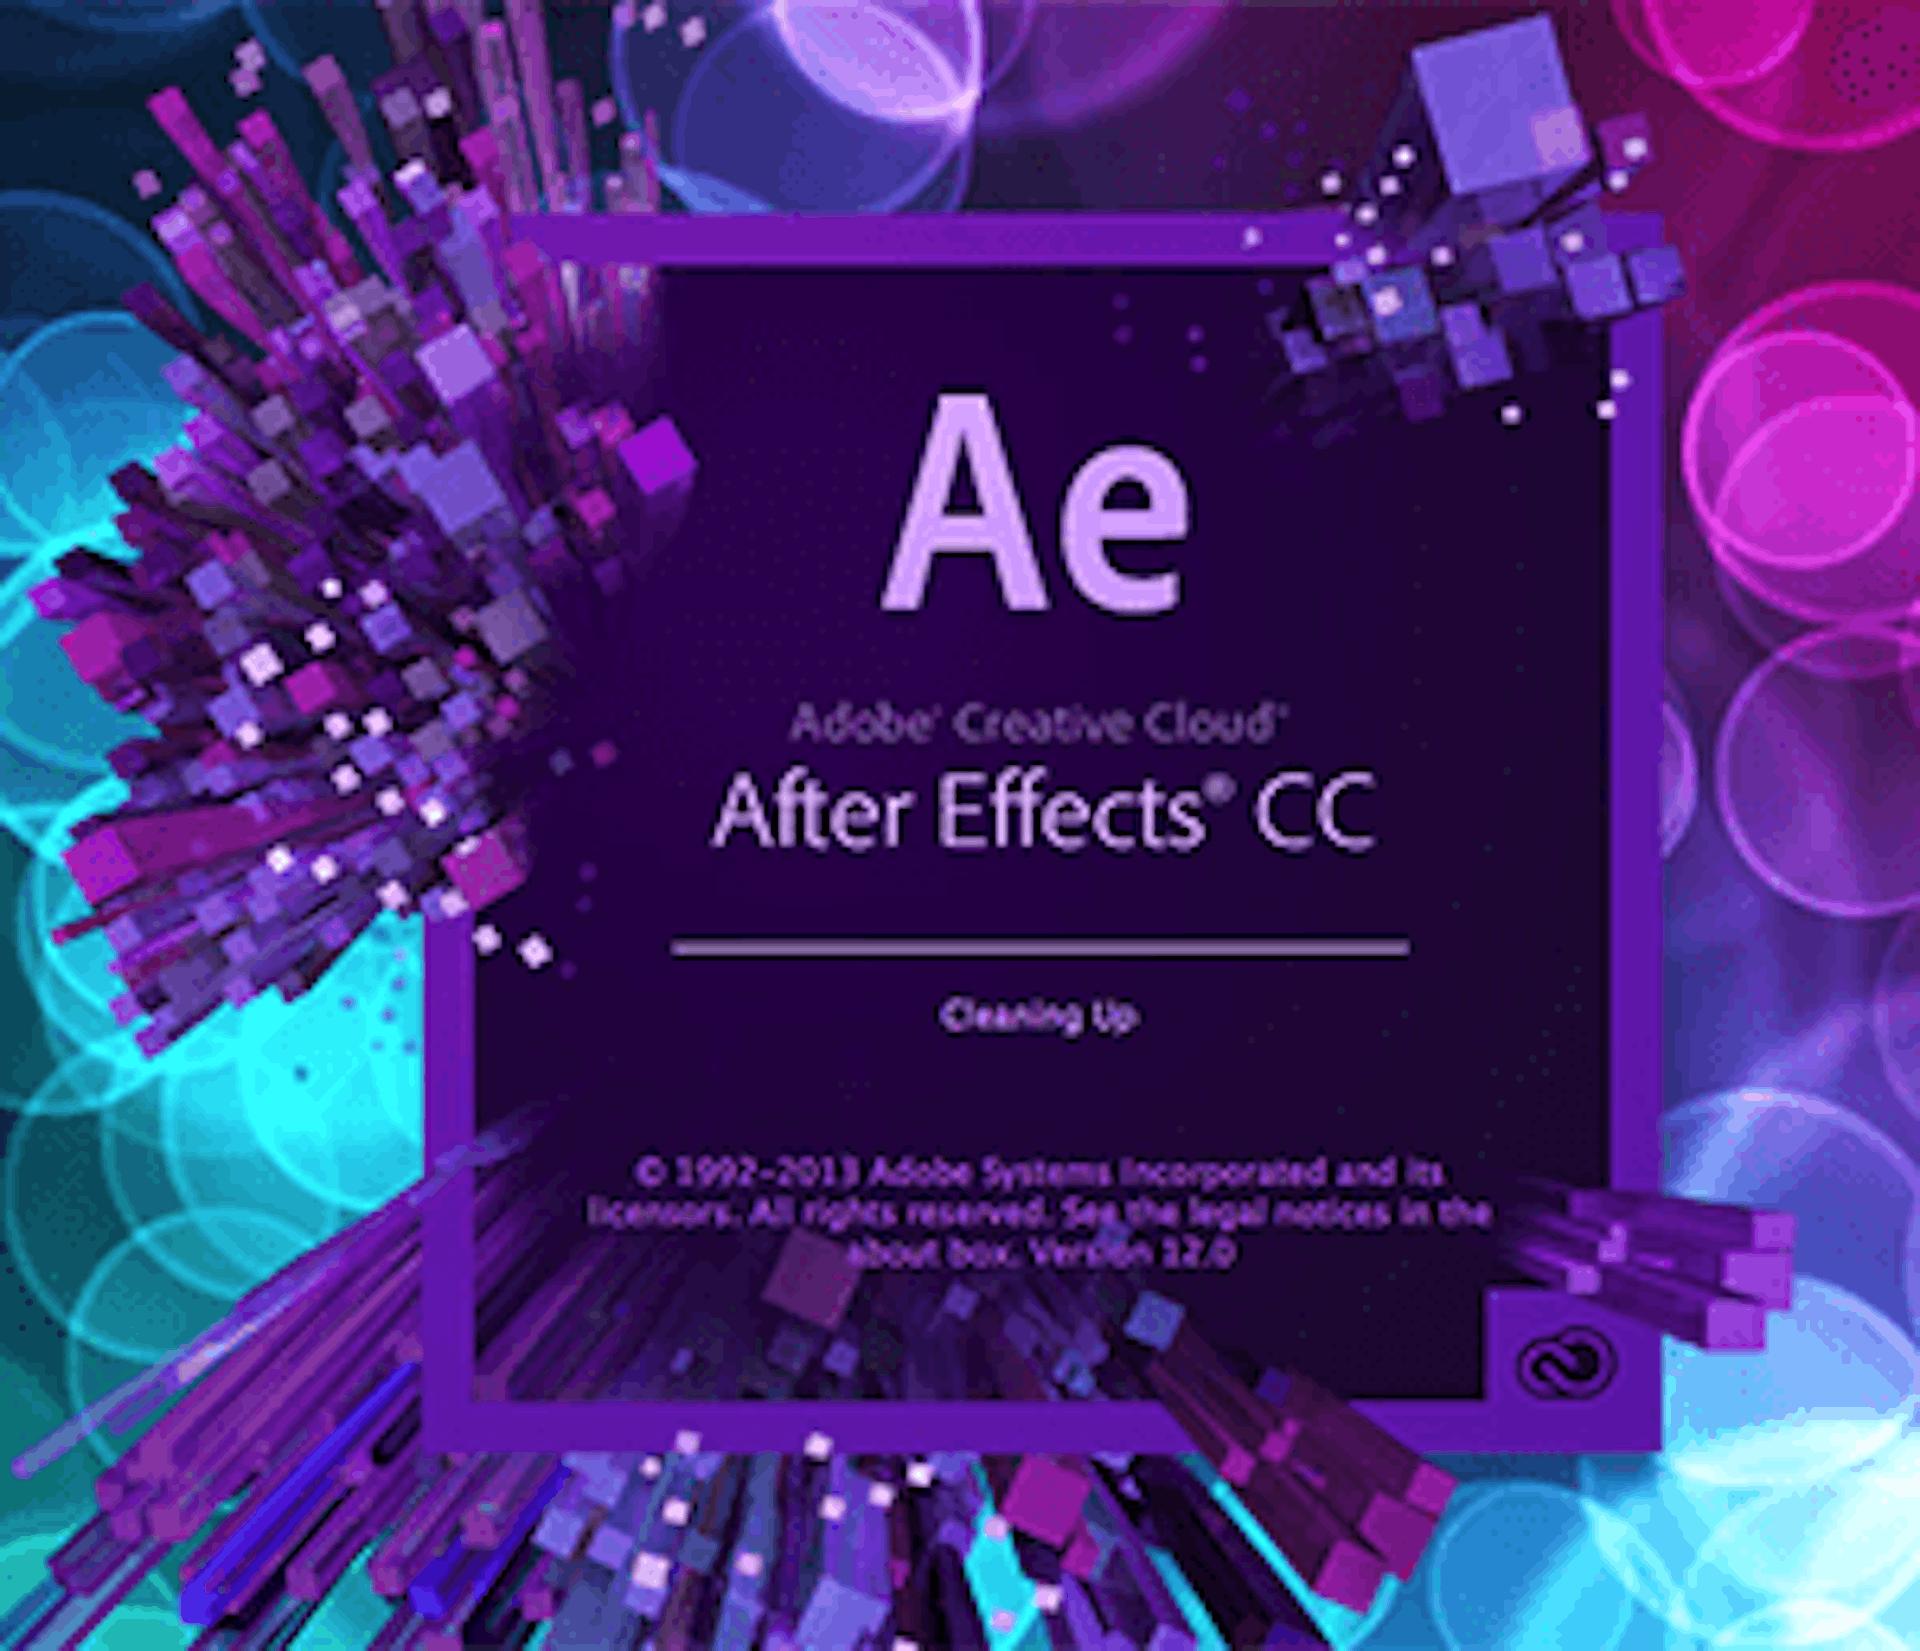 Todo sobre el nuevo After Effects full CC 2021 ¡Anímate a animar!